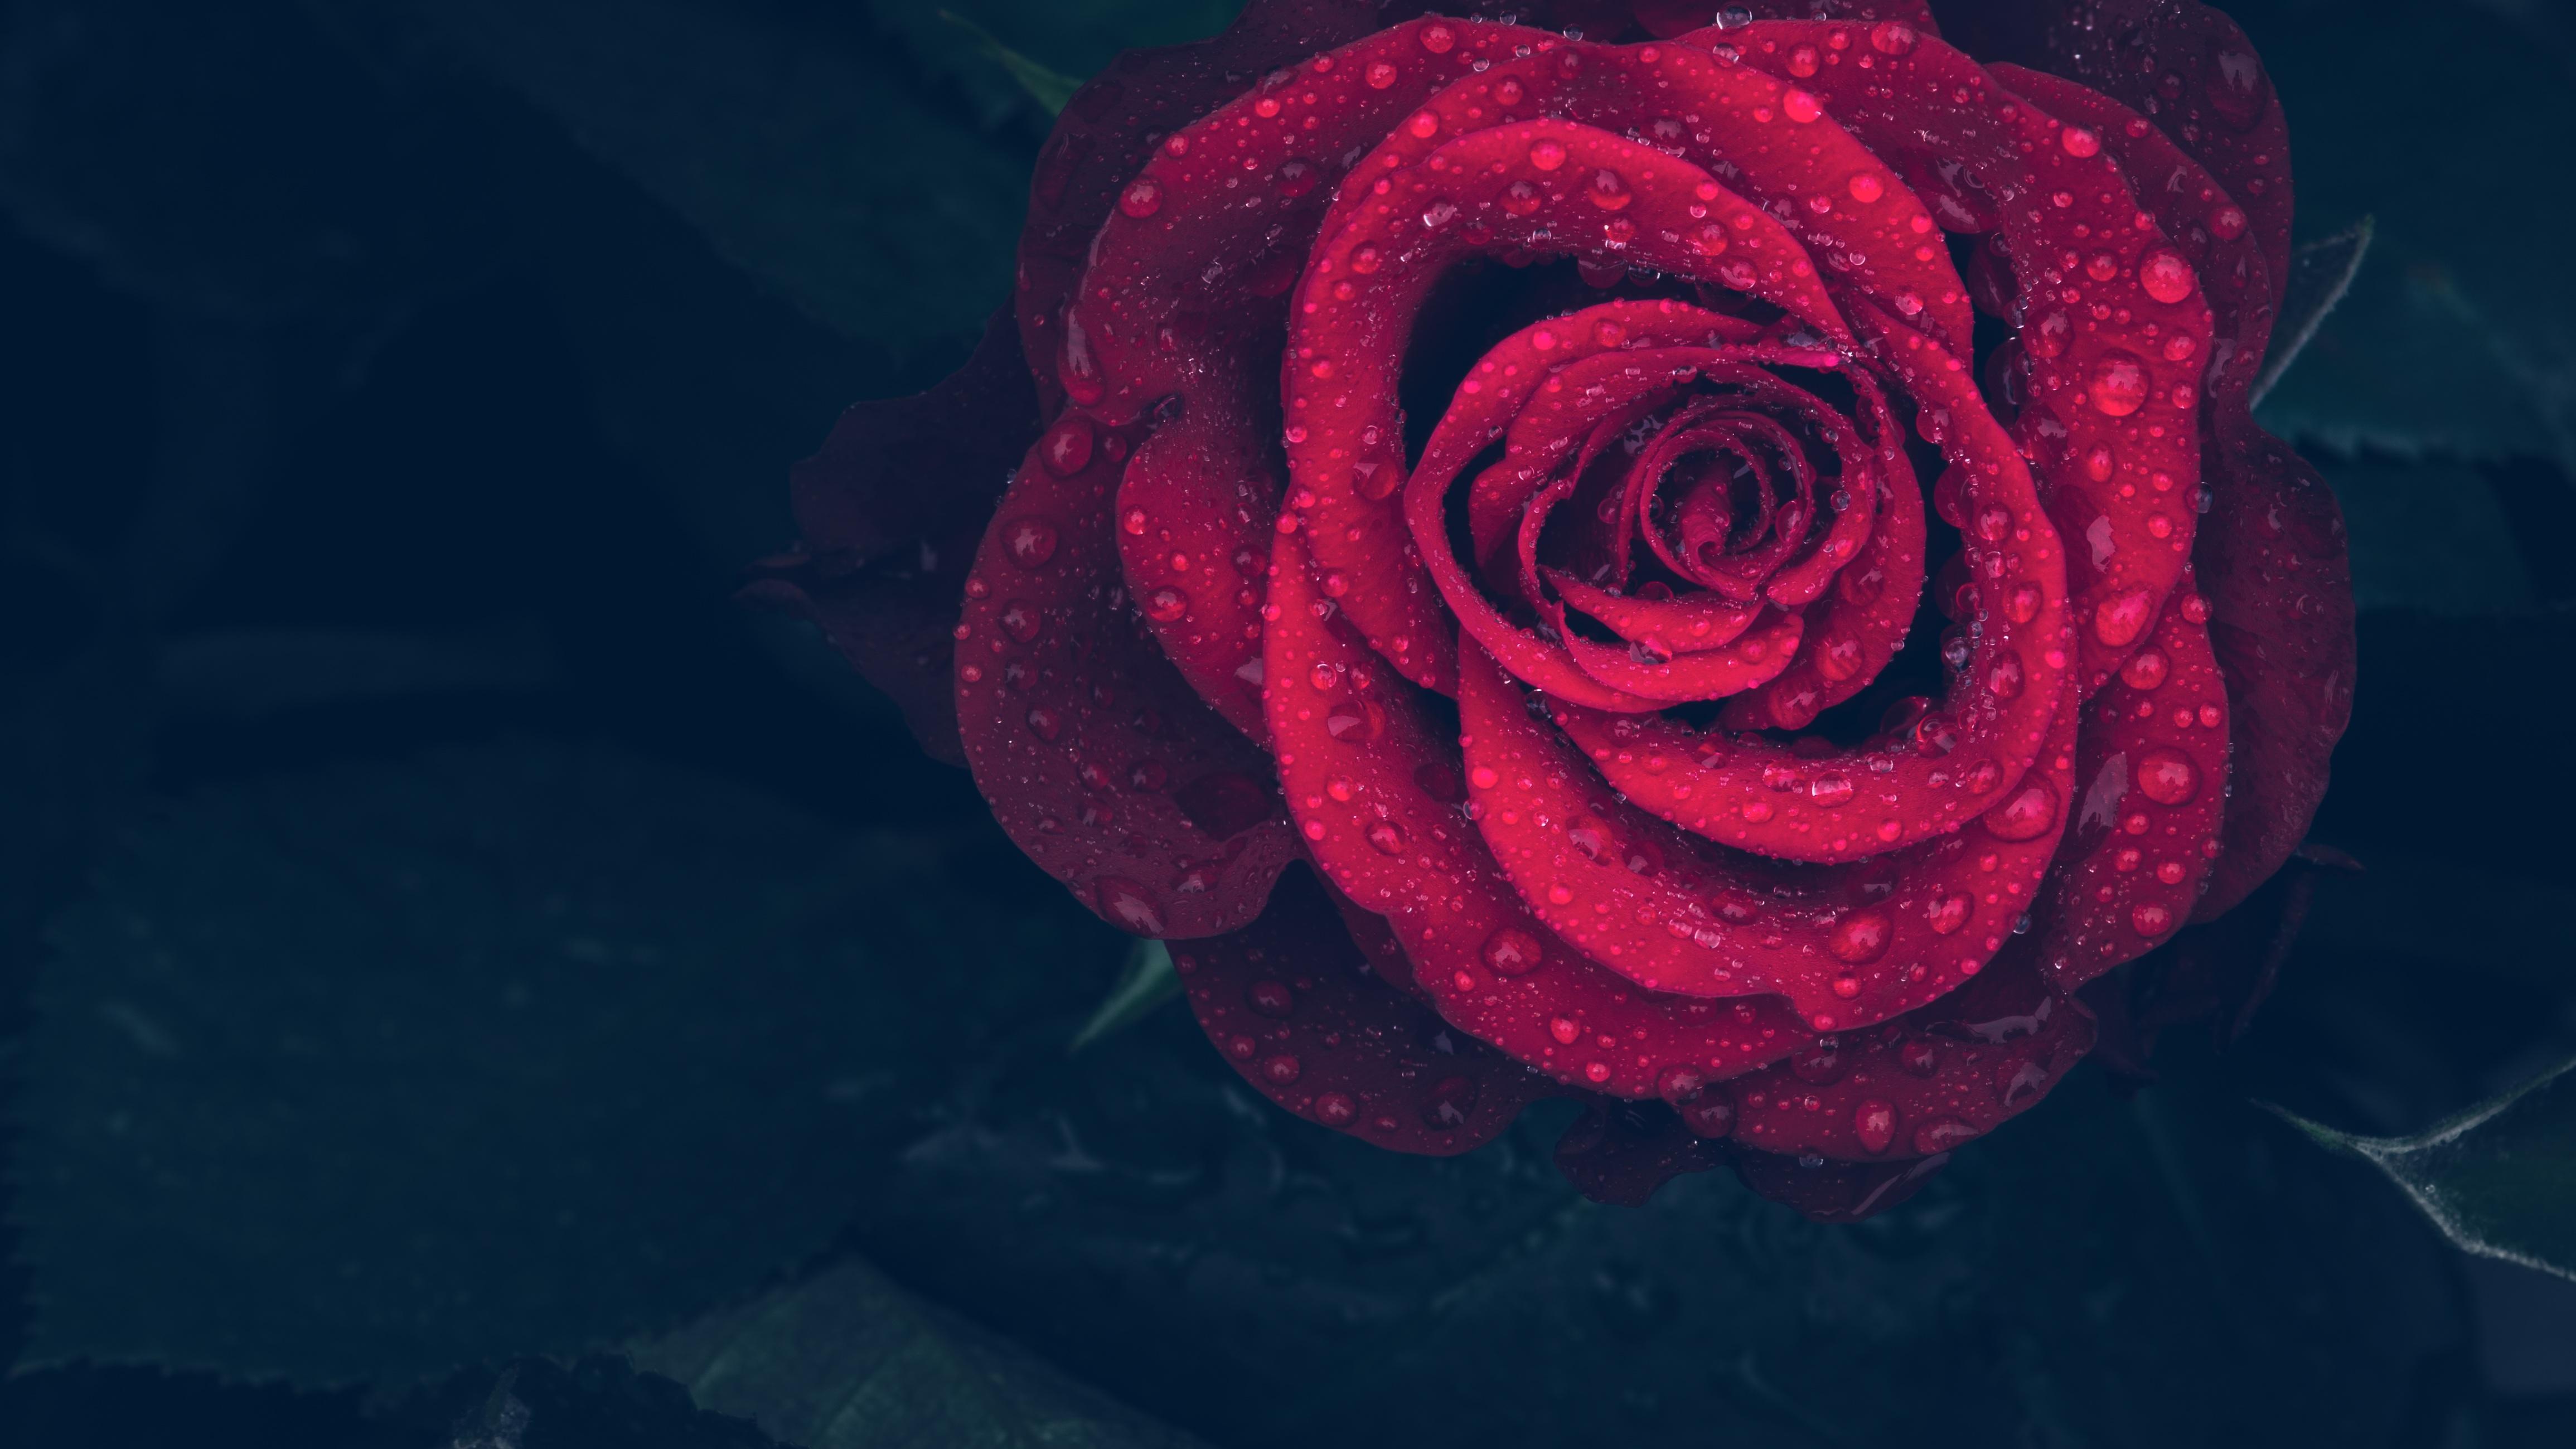 136876 скачать обои Роза, Капли, Макро, Красный, Крупным Планом - заставки и картинки бесплатно